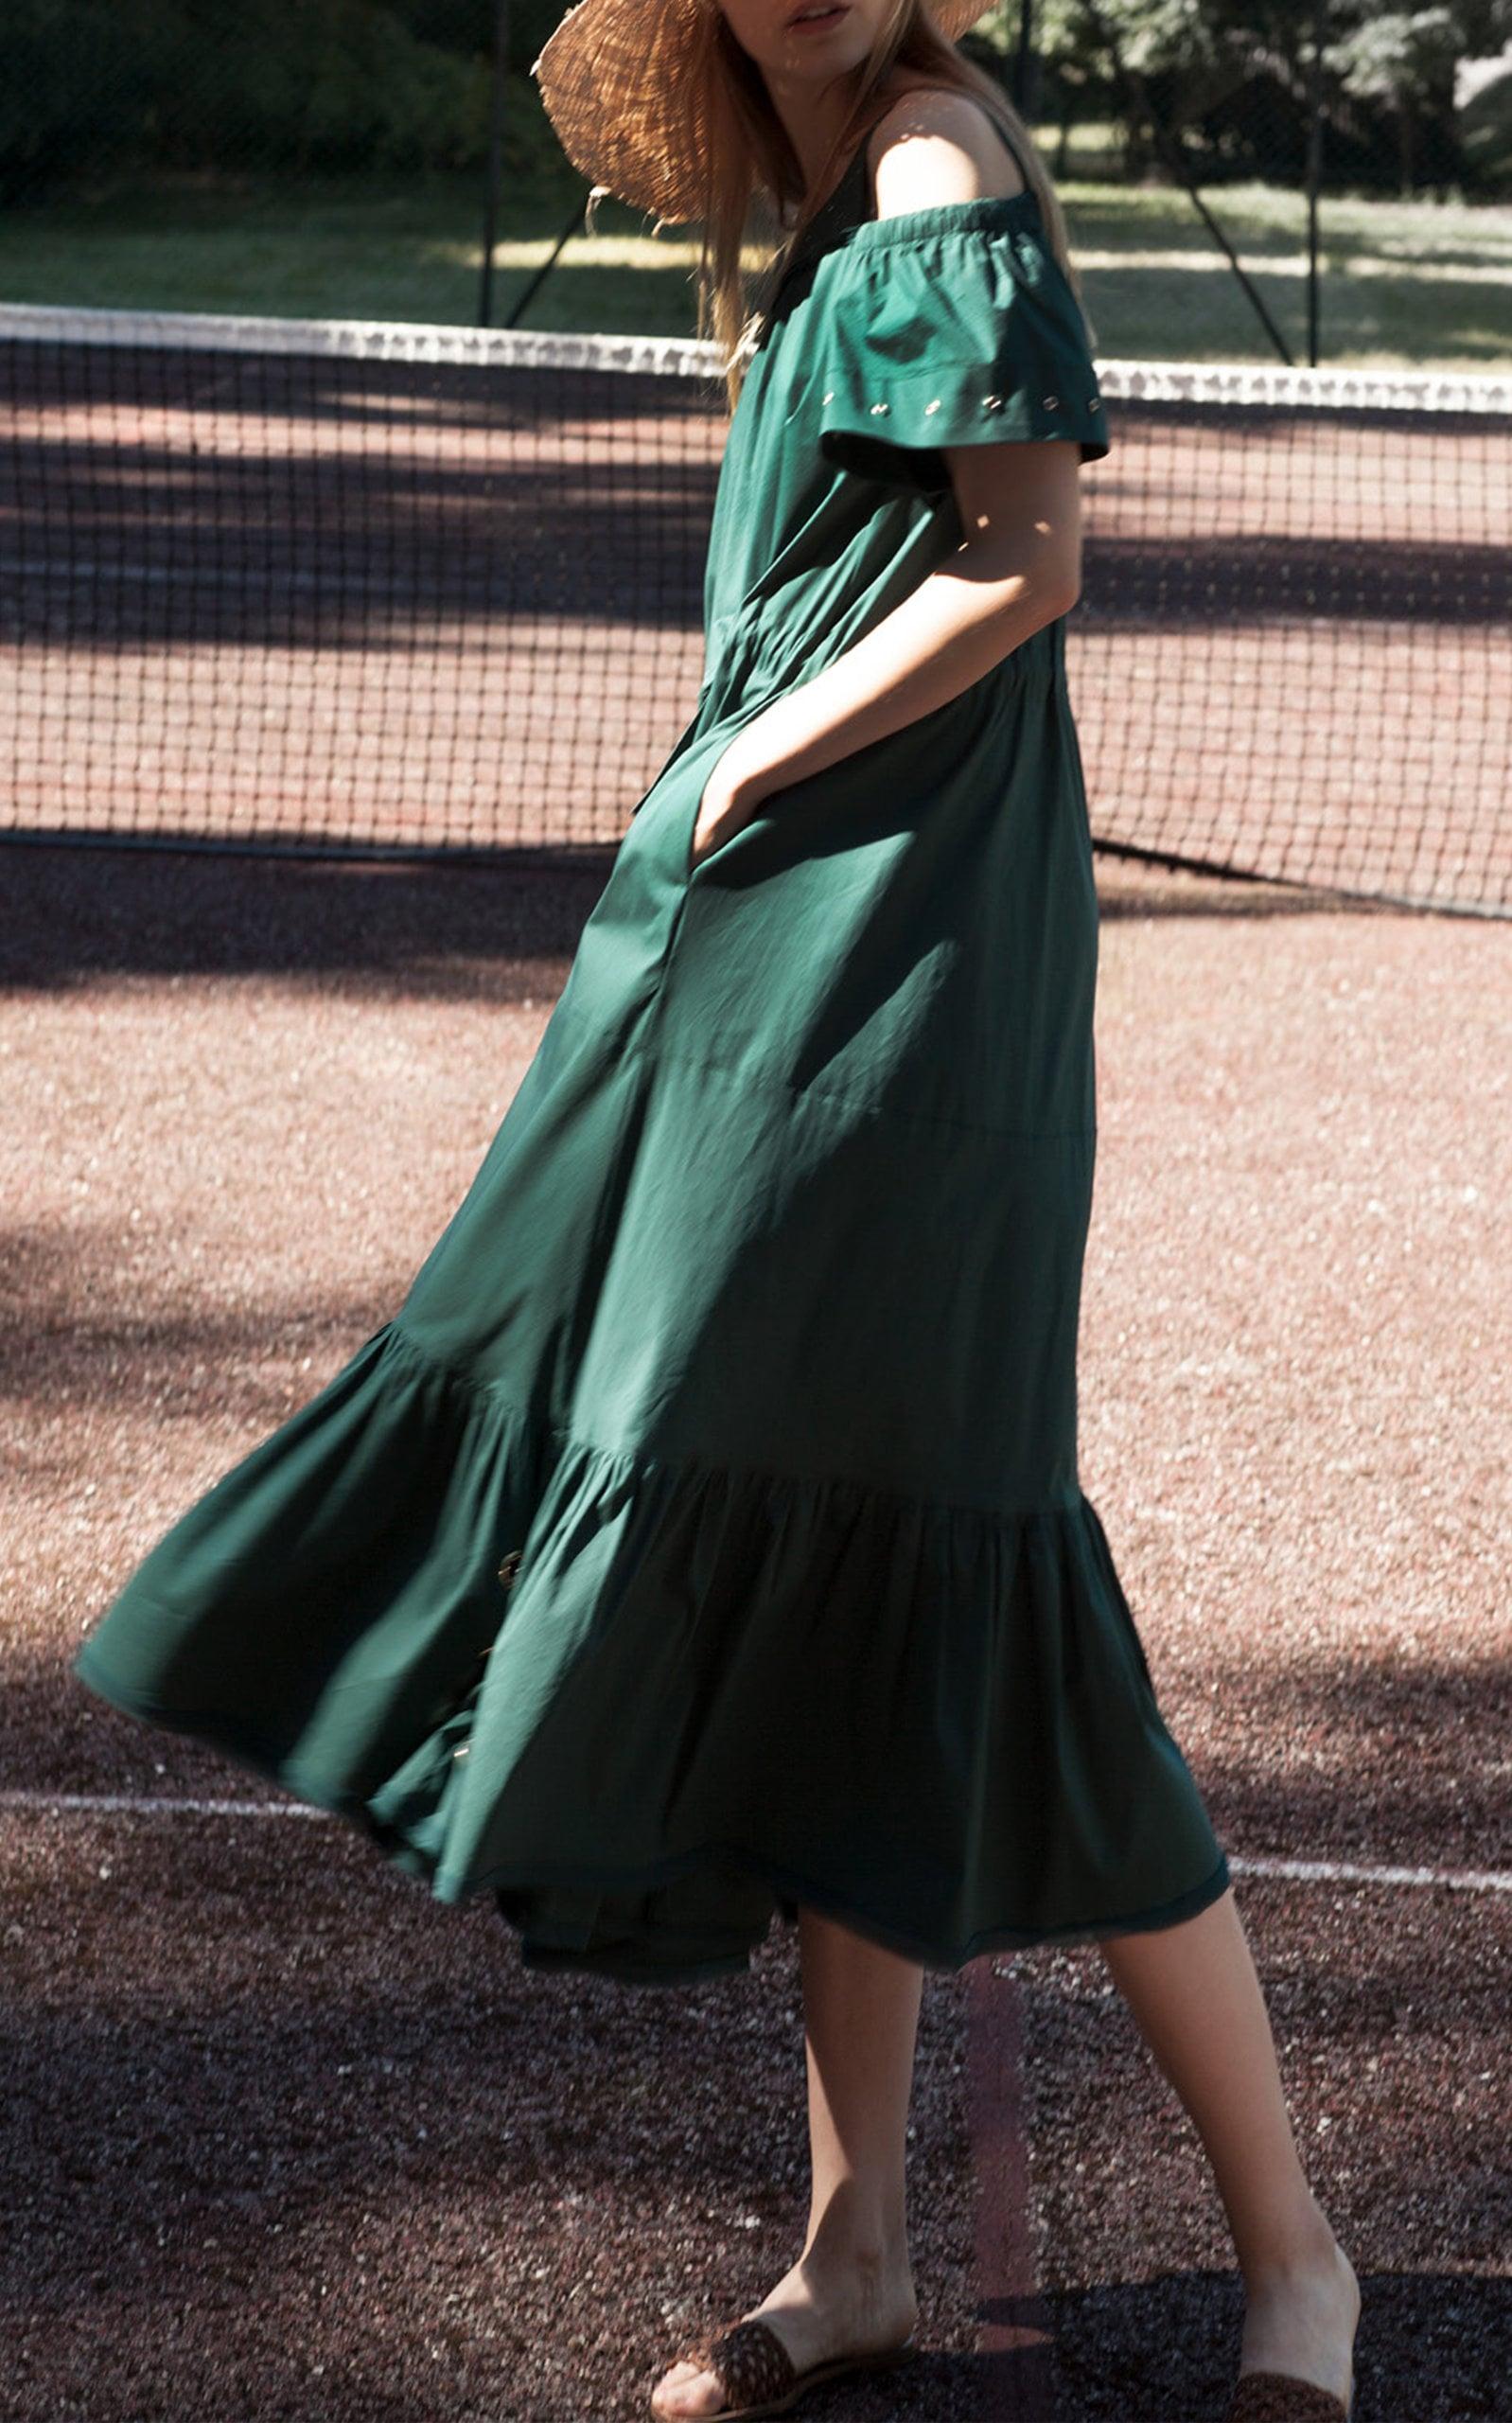 Taylor Swift Green Dress By Free People With Joe Alwyn Popsugar Fashion